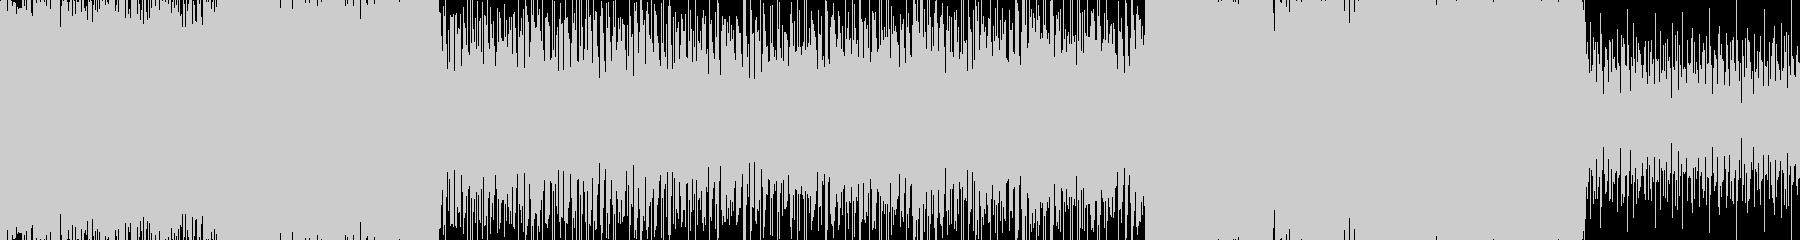 ループ処理版の未再生の波形